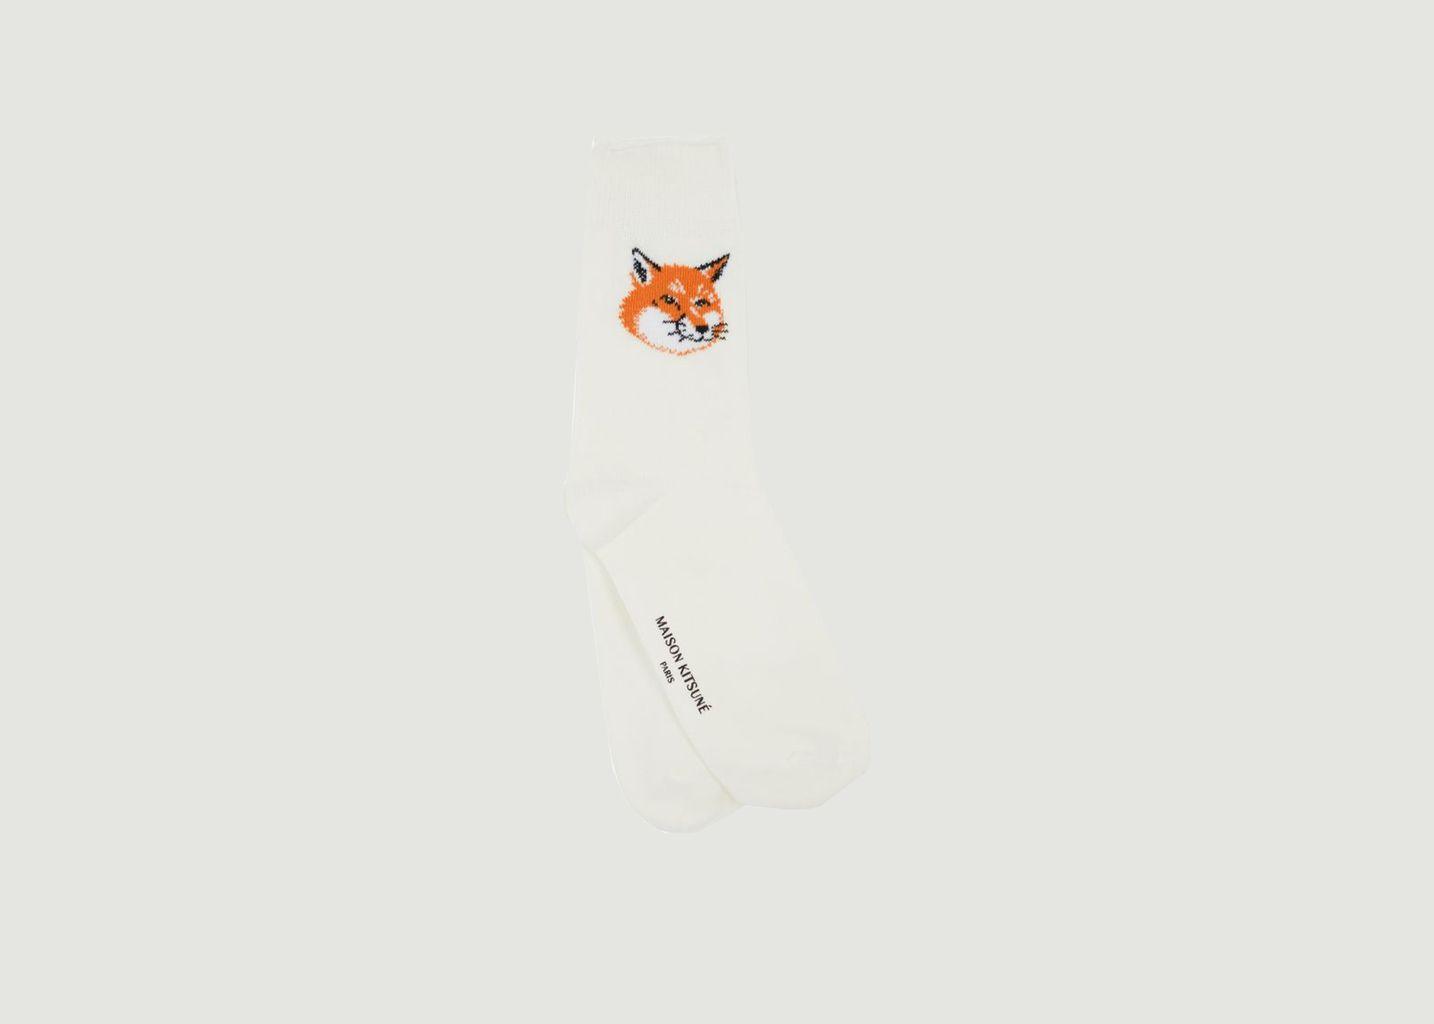 Chaussettes logotypées Fox Head - Maison Kitsuné